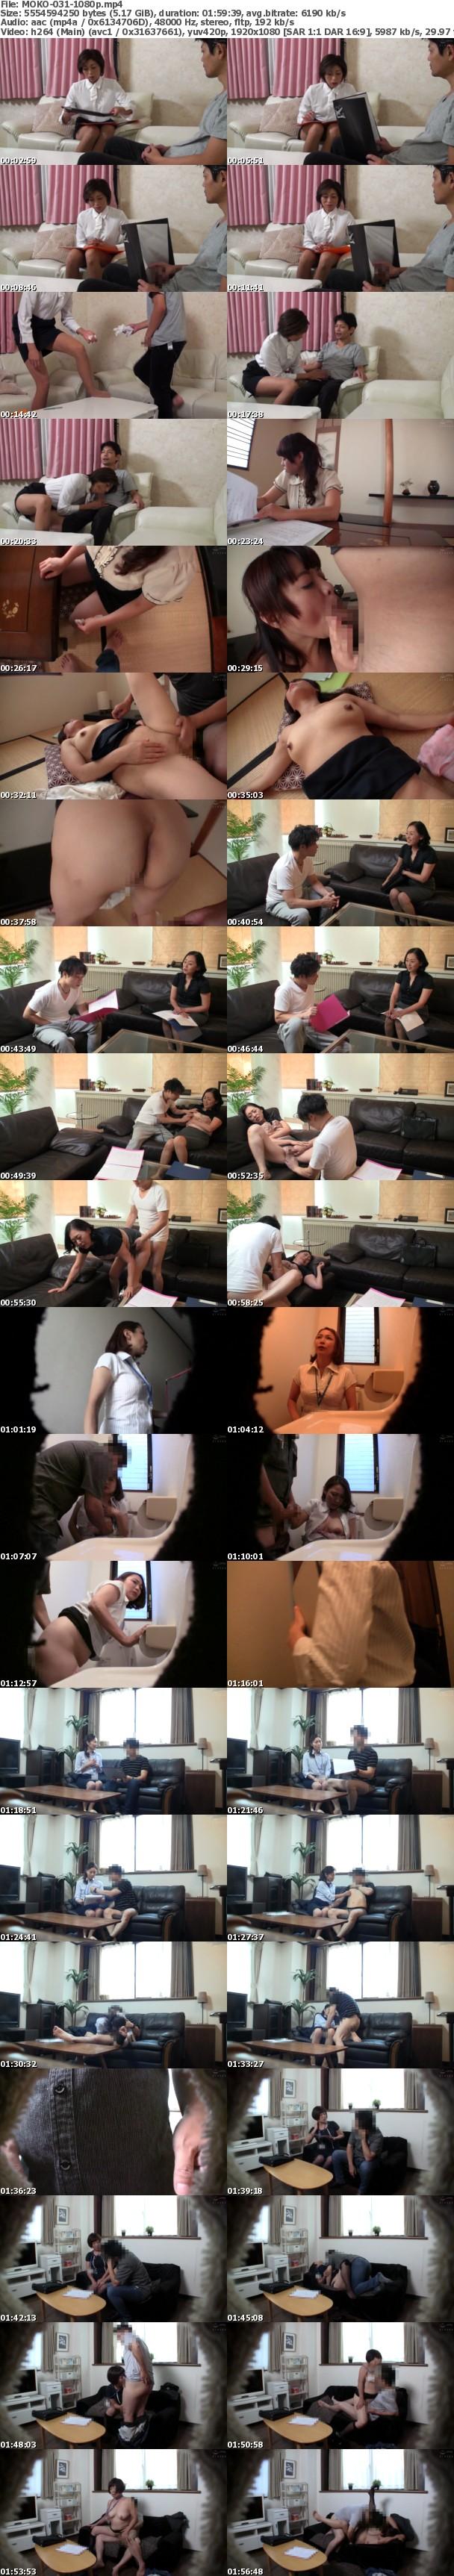 (Full HD) MOKO-031 タイトスカート×太ももエロ お仕事中のおばさんに勃起チ●ポを見せ付けたら、発情して咥えてくれる!?